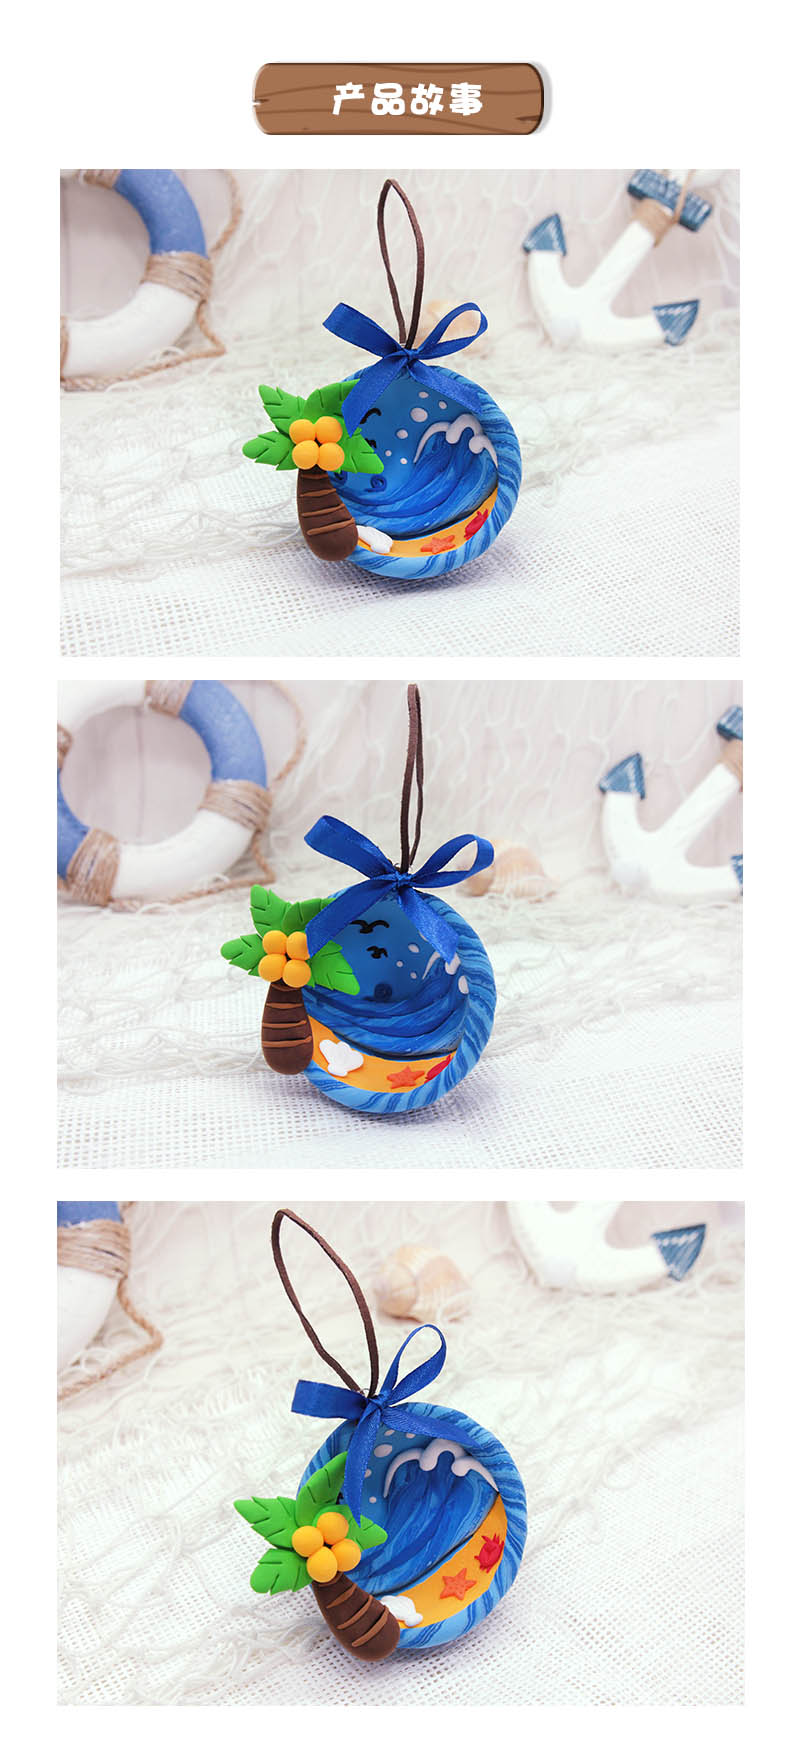 超轻粘土 海洋挂件挂饰儿童手工diy制作彩泥材料包幼儿园橡皮泥-梦童